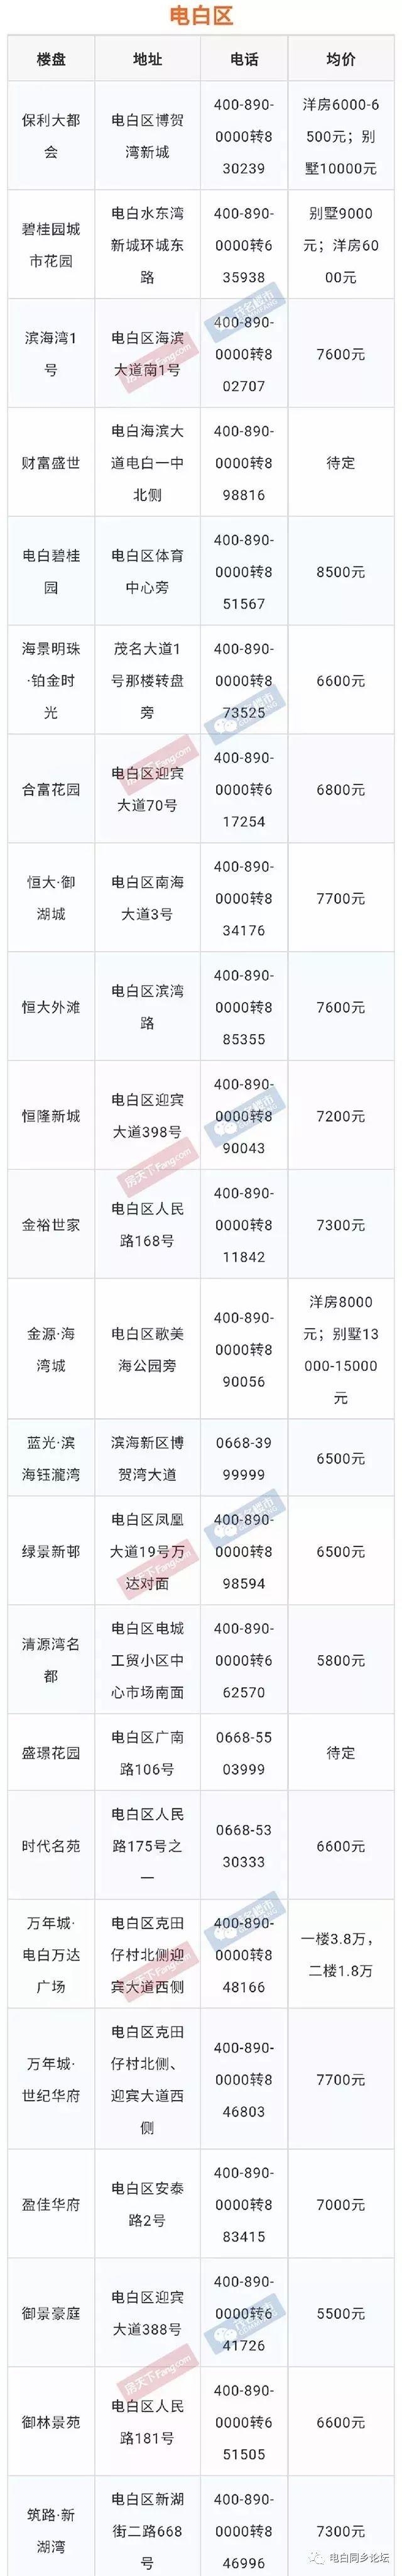 2019年8月电白最新房价大全!